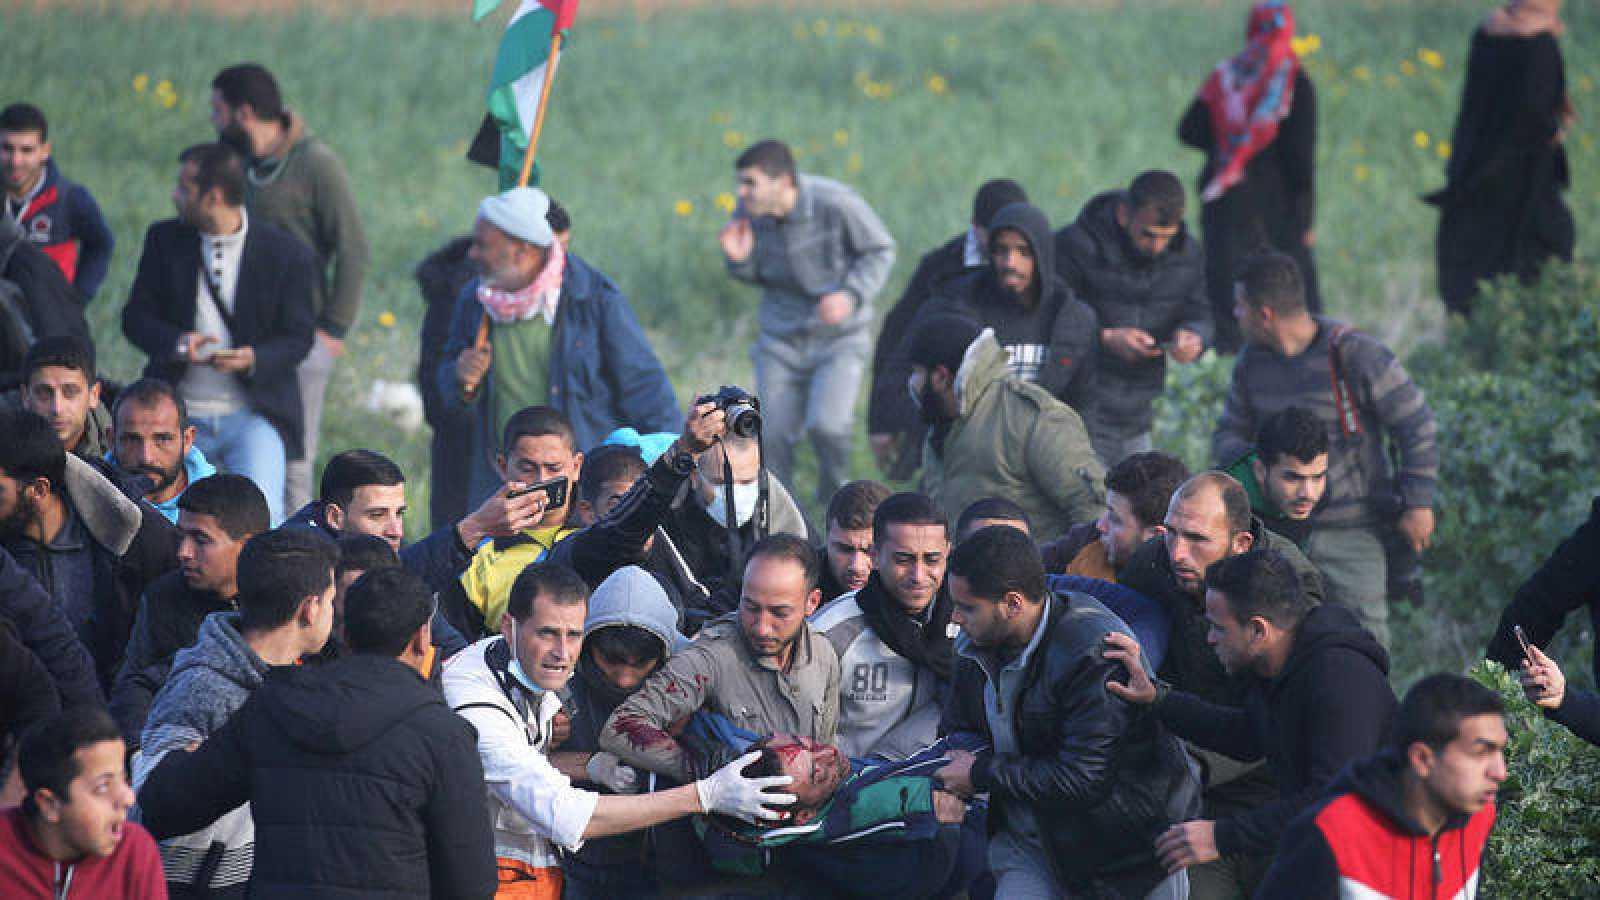 Un palestino herido es evacuado durante una protesta en la frontera al sur de la Franja de Gaza, el viernes 22 de febrero.